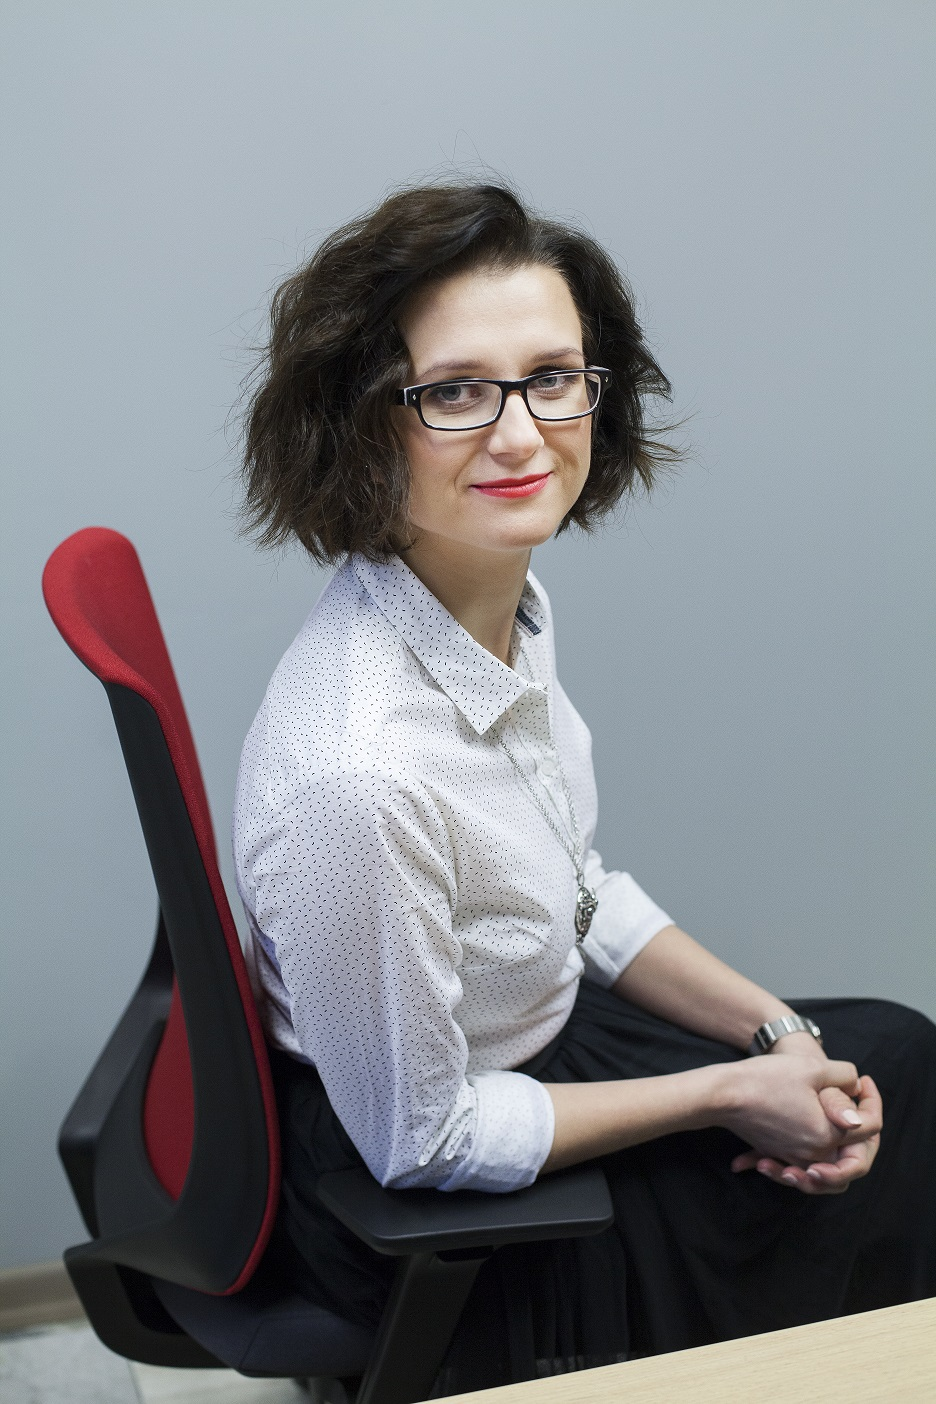 Anna Drozd photography Katarzyna Bogusz-Przybylska artcoaching warszawa